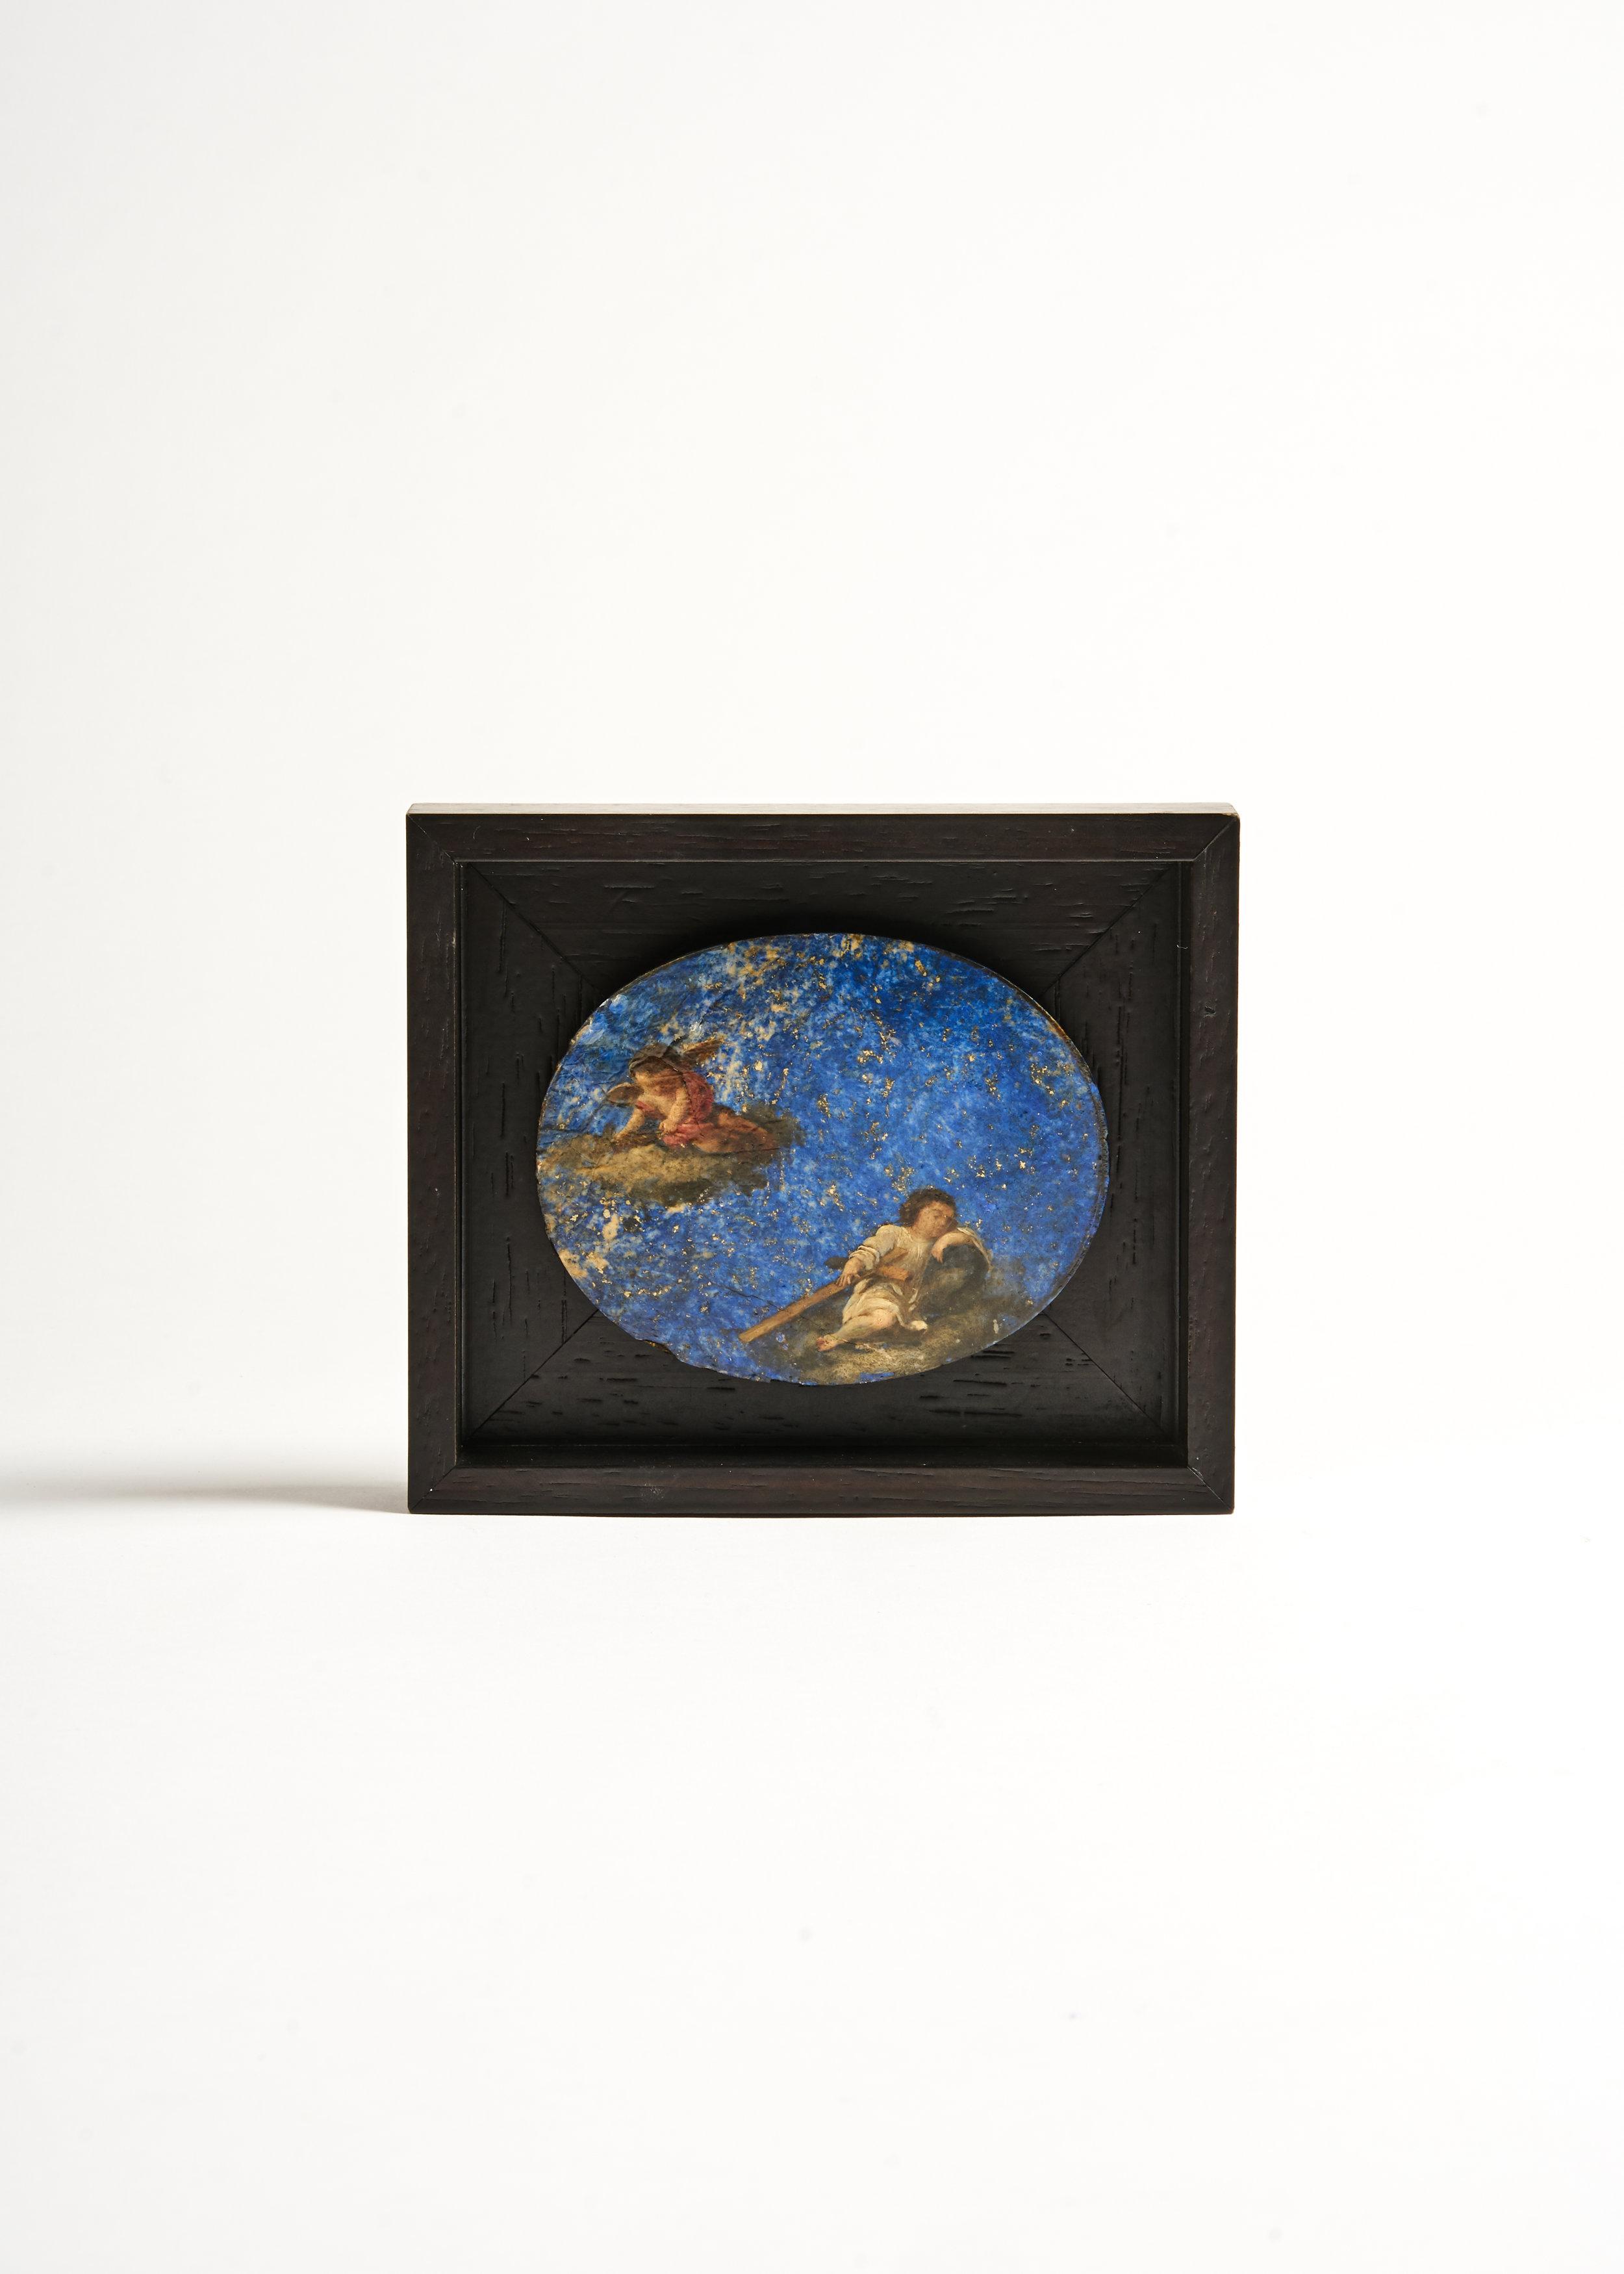 Lapis Lazuli Painting